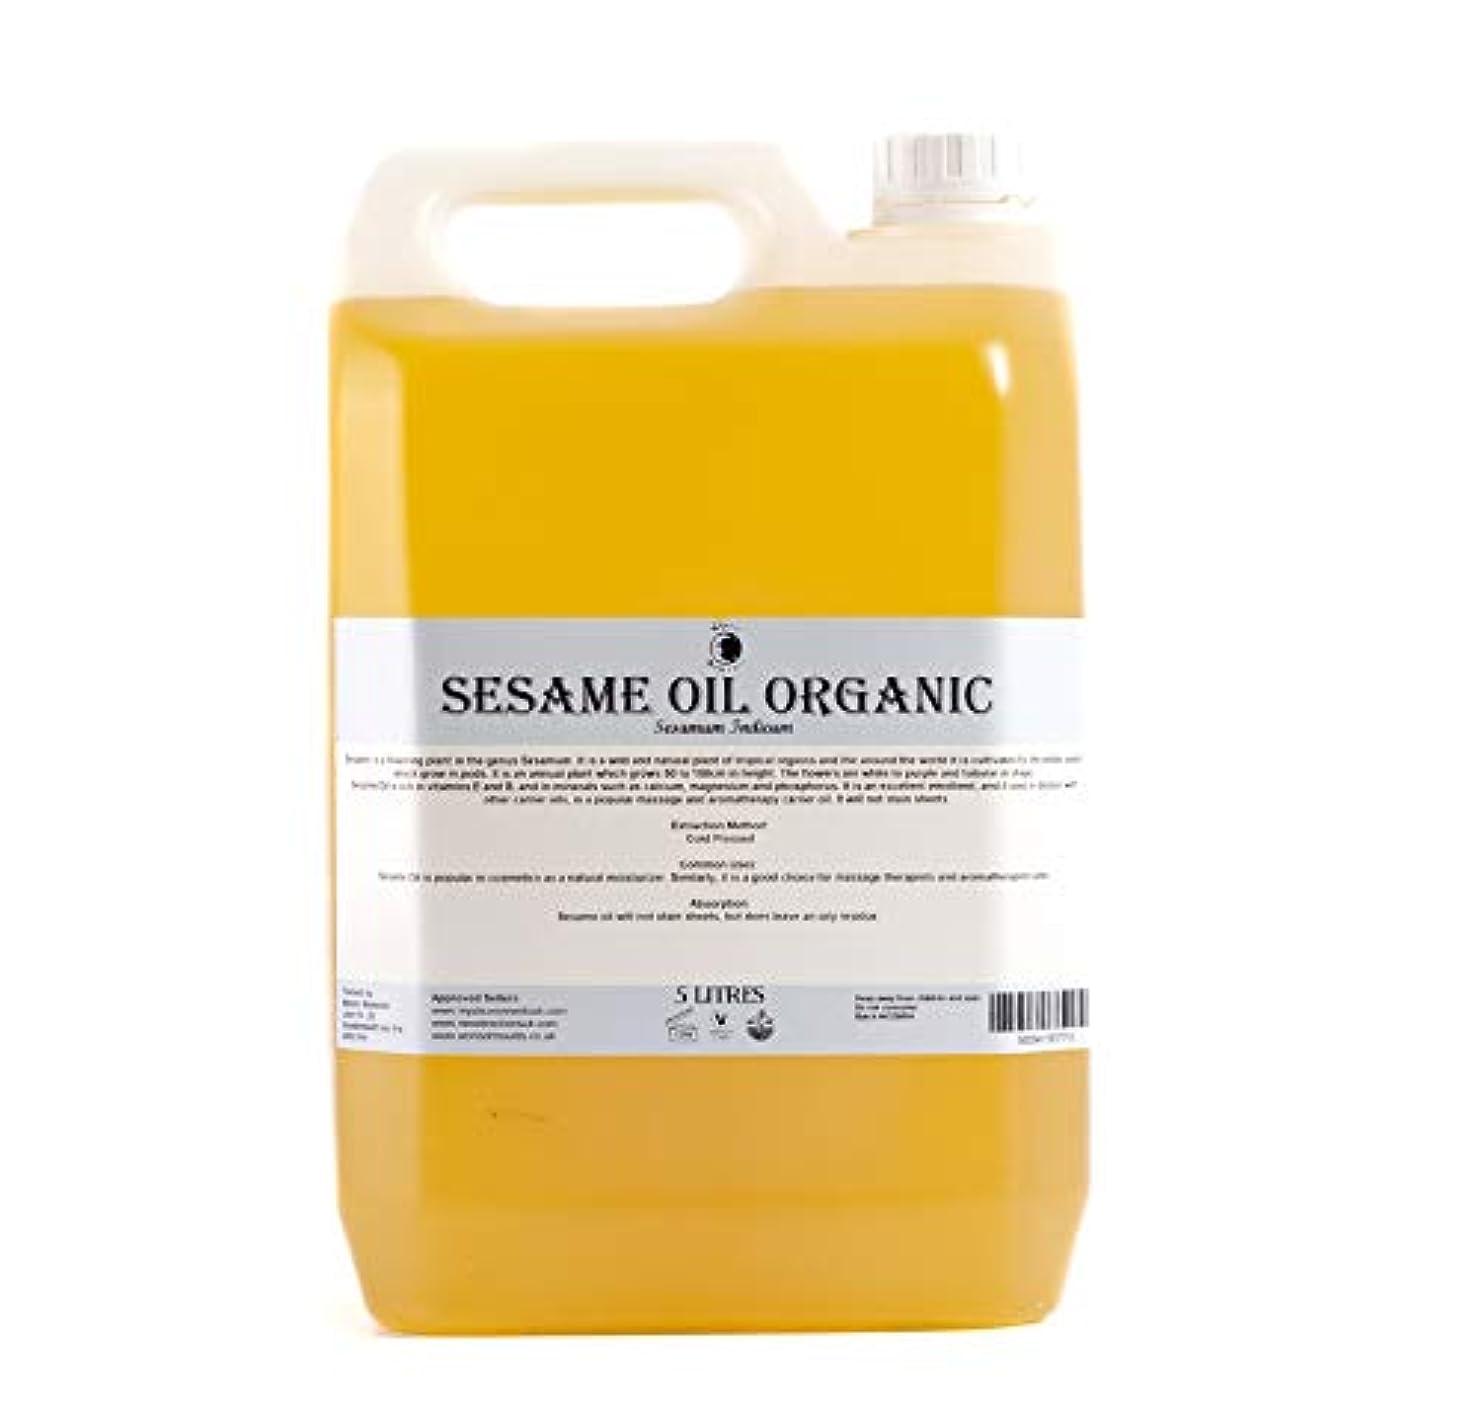 結果クローゼット不名誉なMystic Moments   Sesame Organic Carrier Oil - 5 Litres - 100% Pure